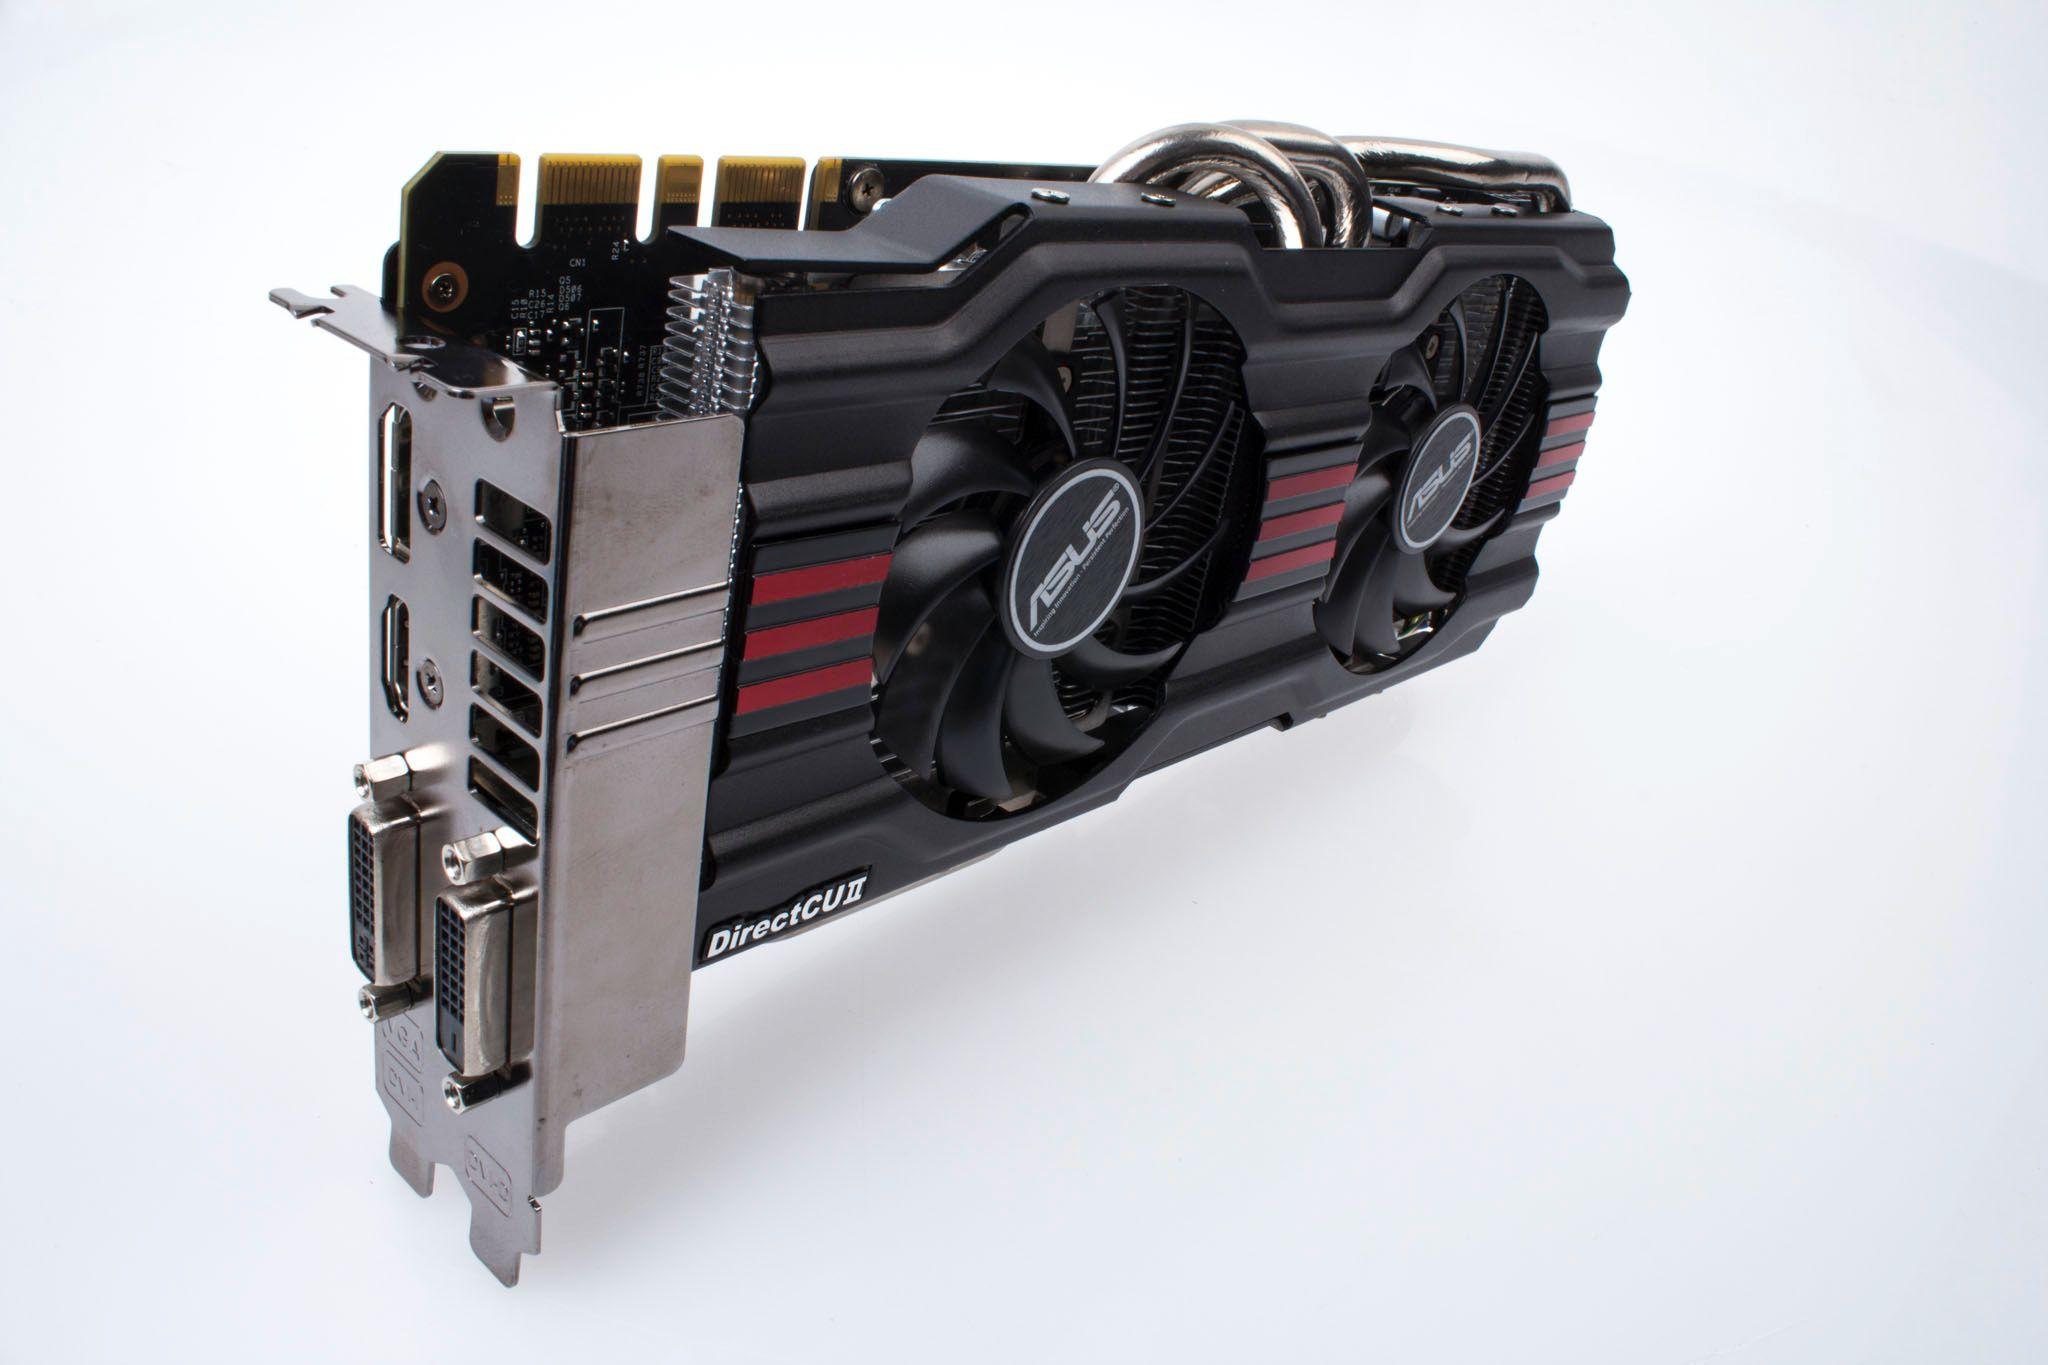 Asus GeForce GTX 770 DirectCU II OC.Foto: Varg Aamo, Hardware.no